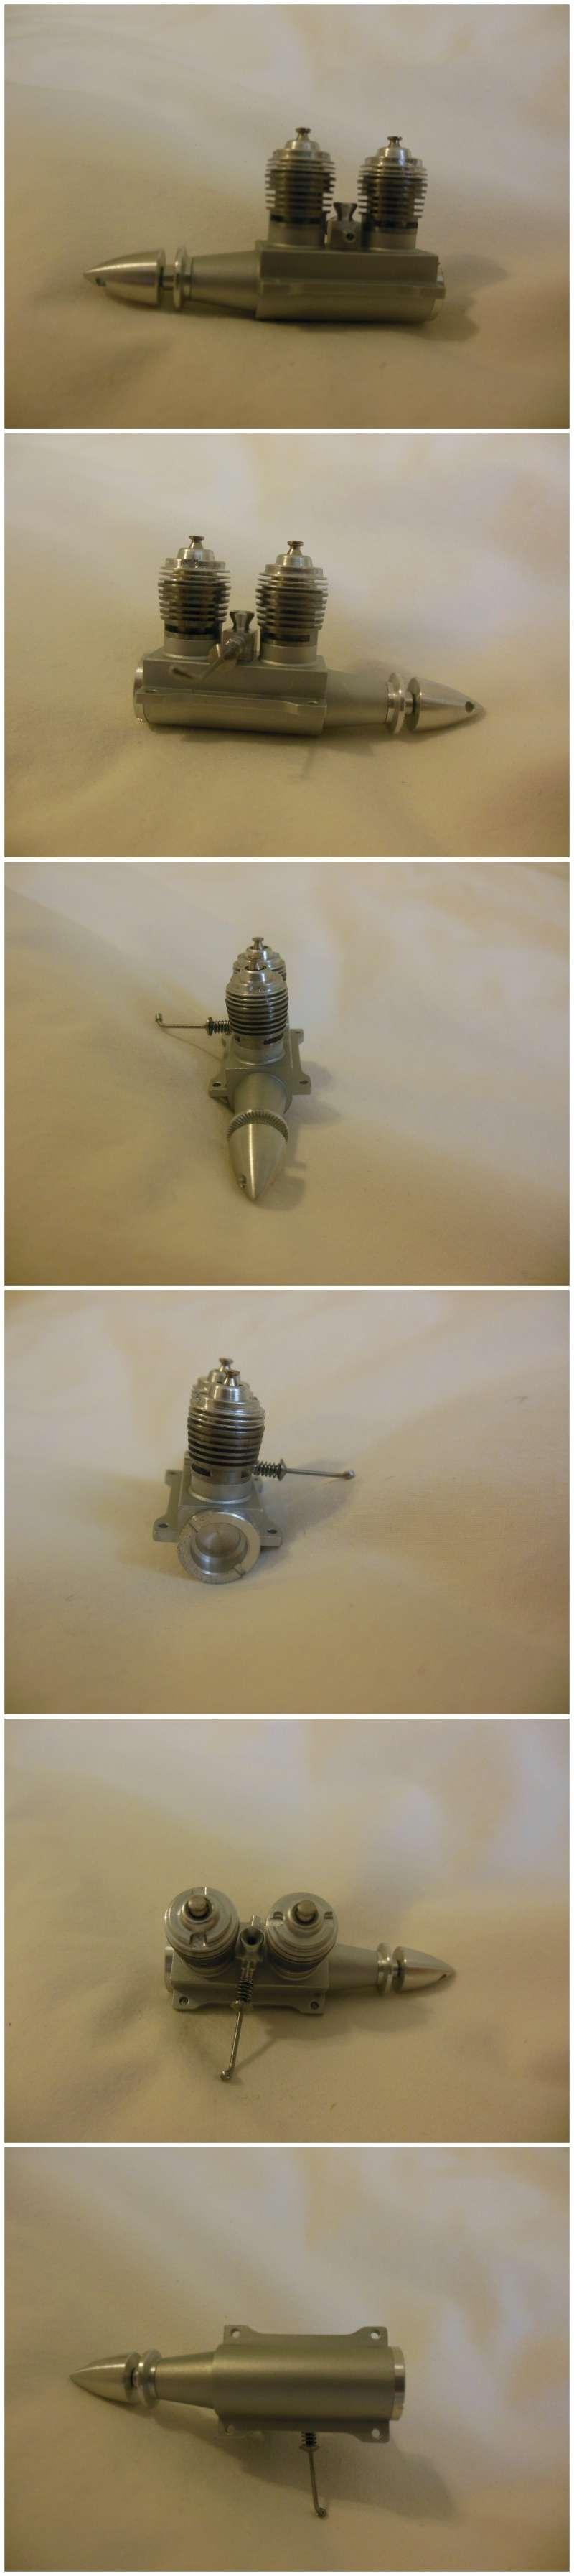 Rasant Twin Glow engines 0.98cc x 2 Rasant11